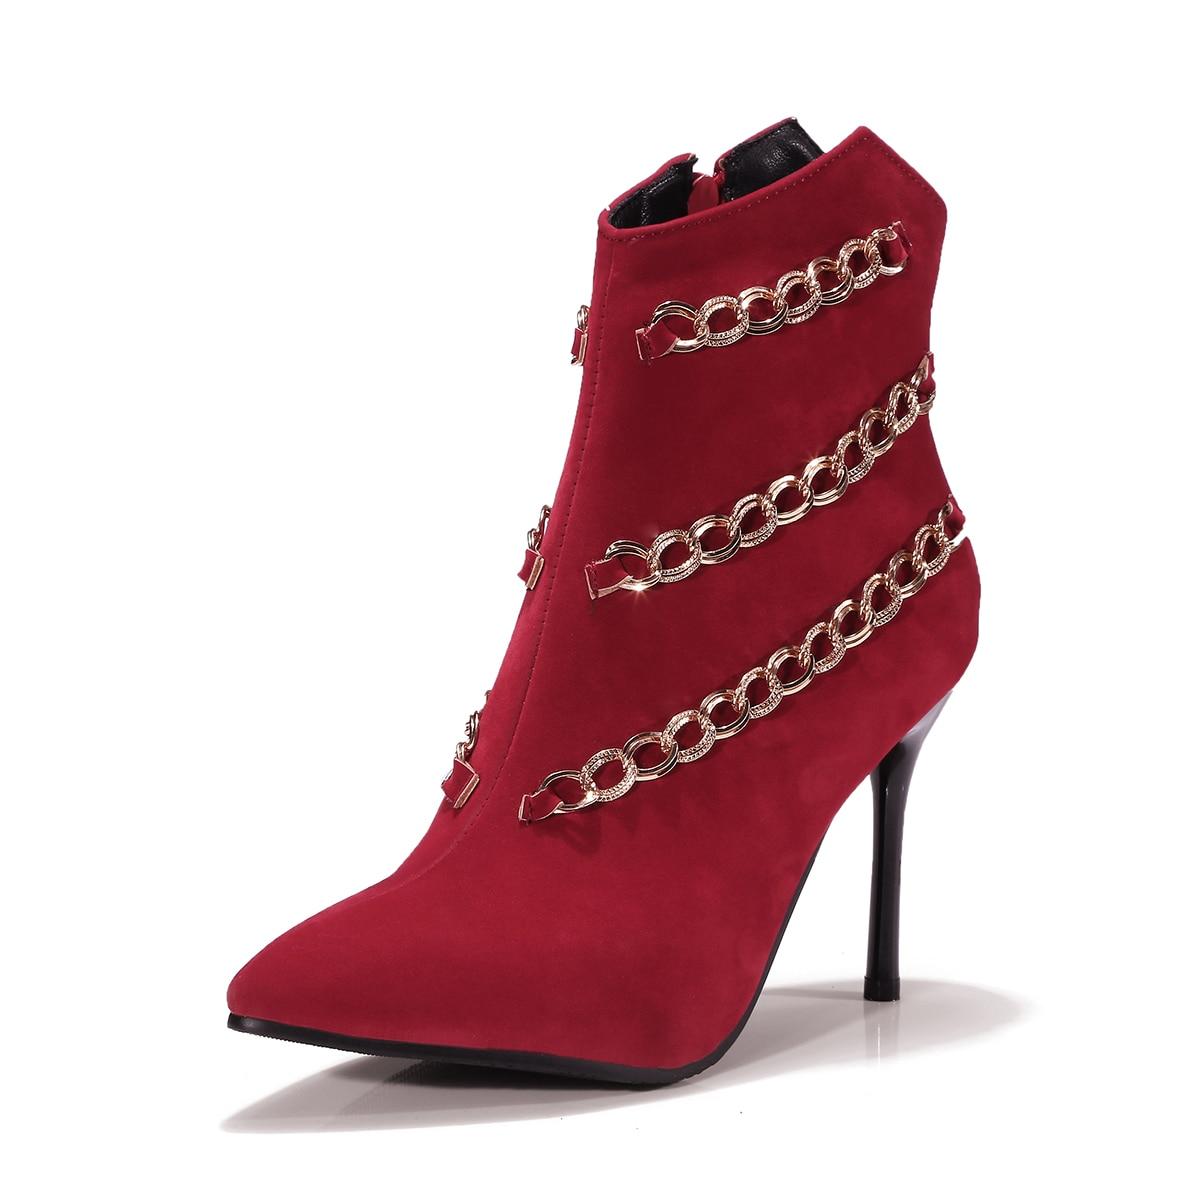 33 Femme Femmes Taille À 43 Chaîne Mince Noir Hauts Courtes D'hiver Talons Botas rouge Chaussures Neige Bottes Ankel OZwuTkXiP